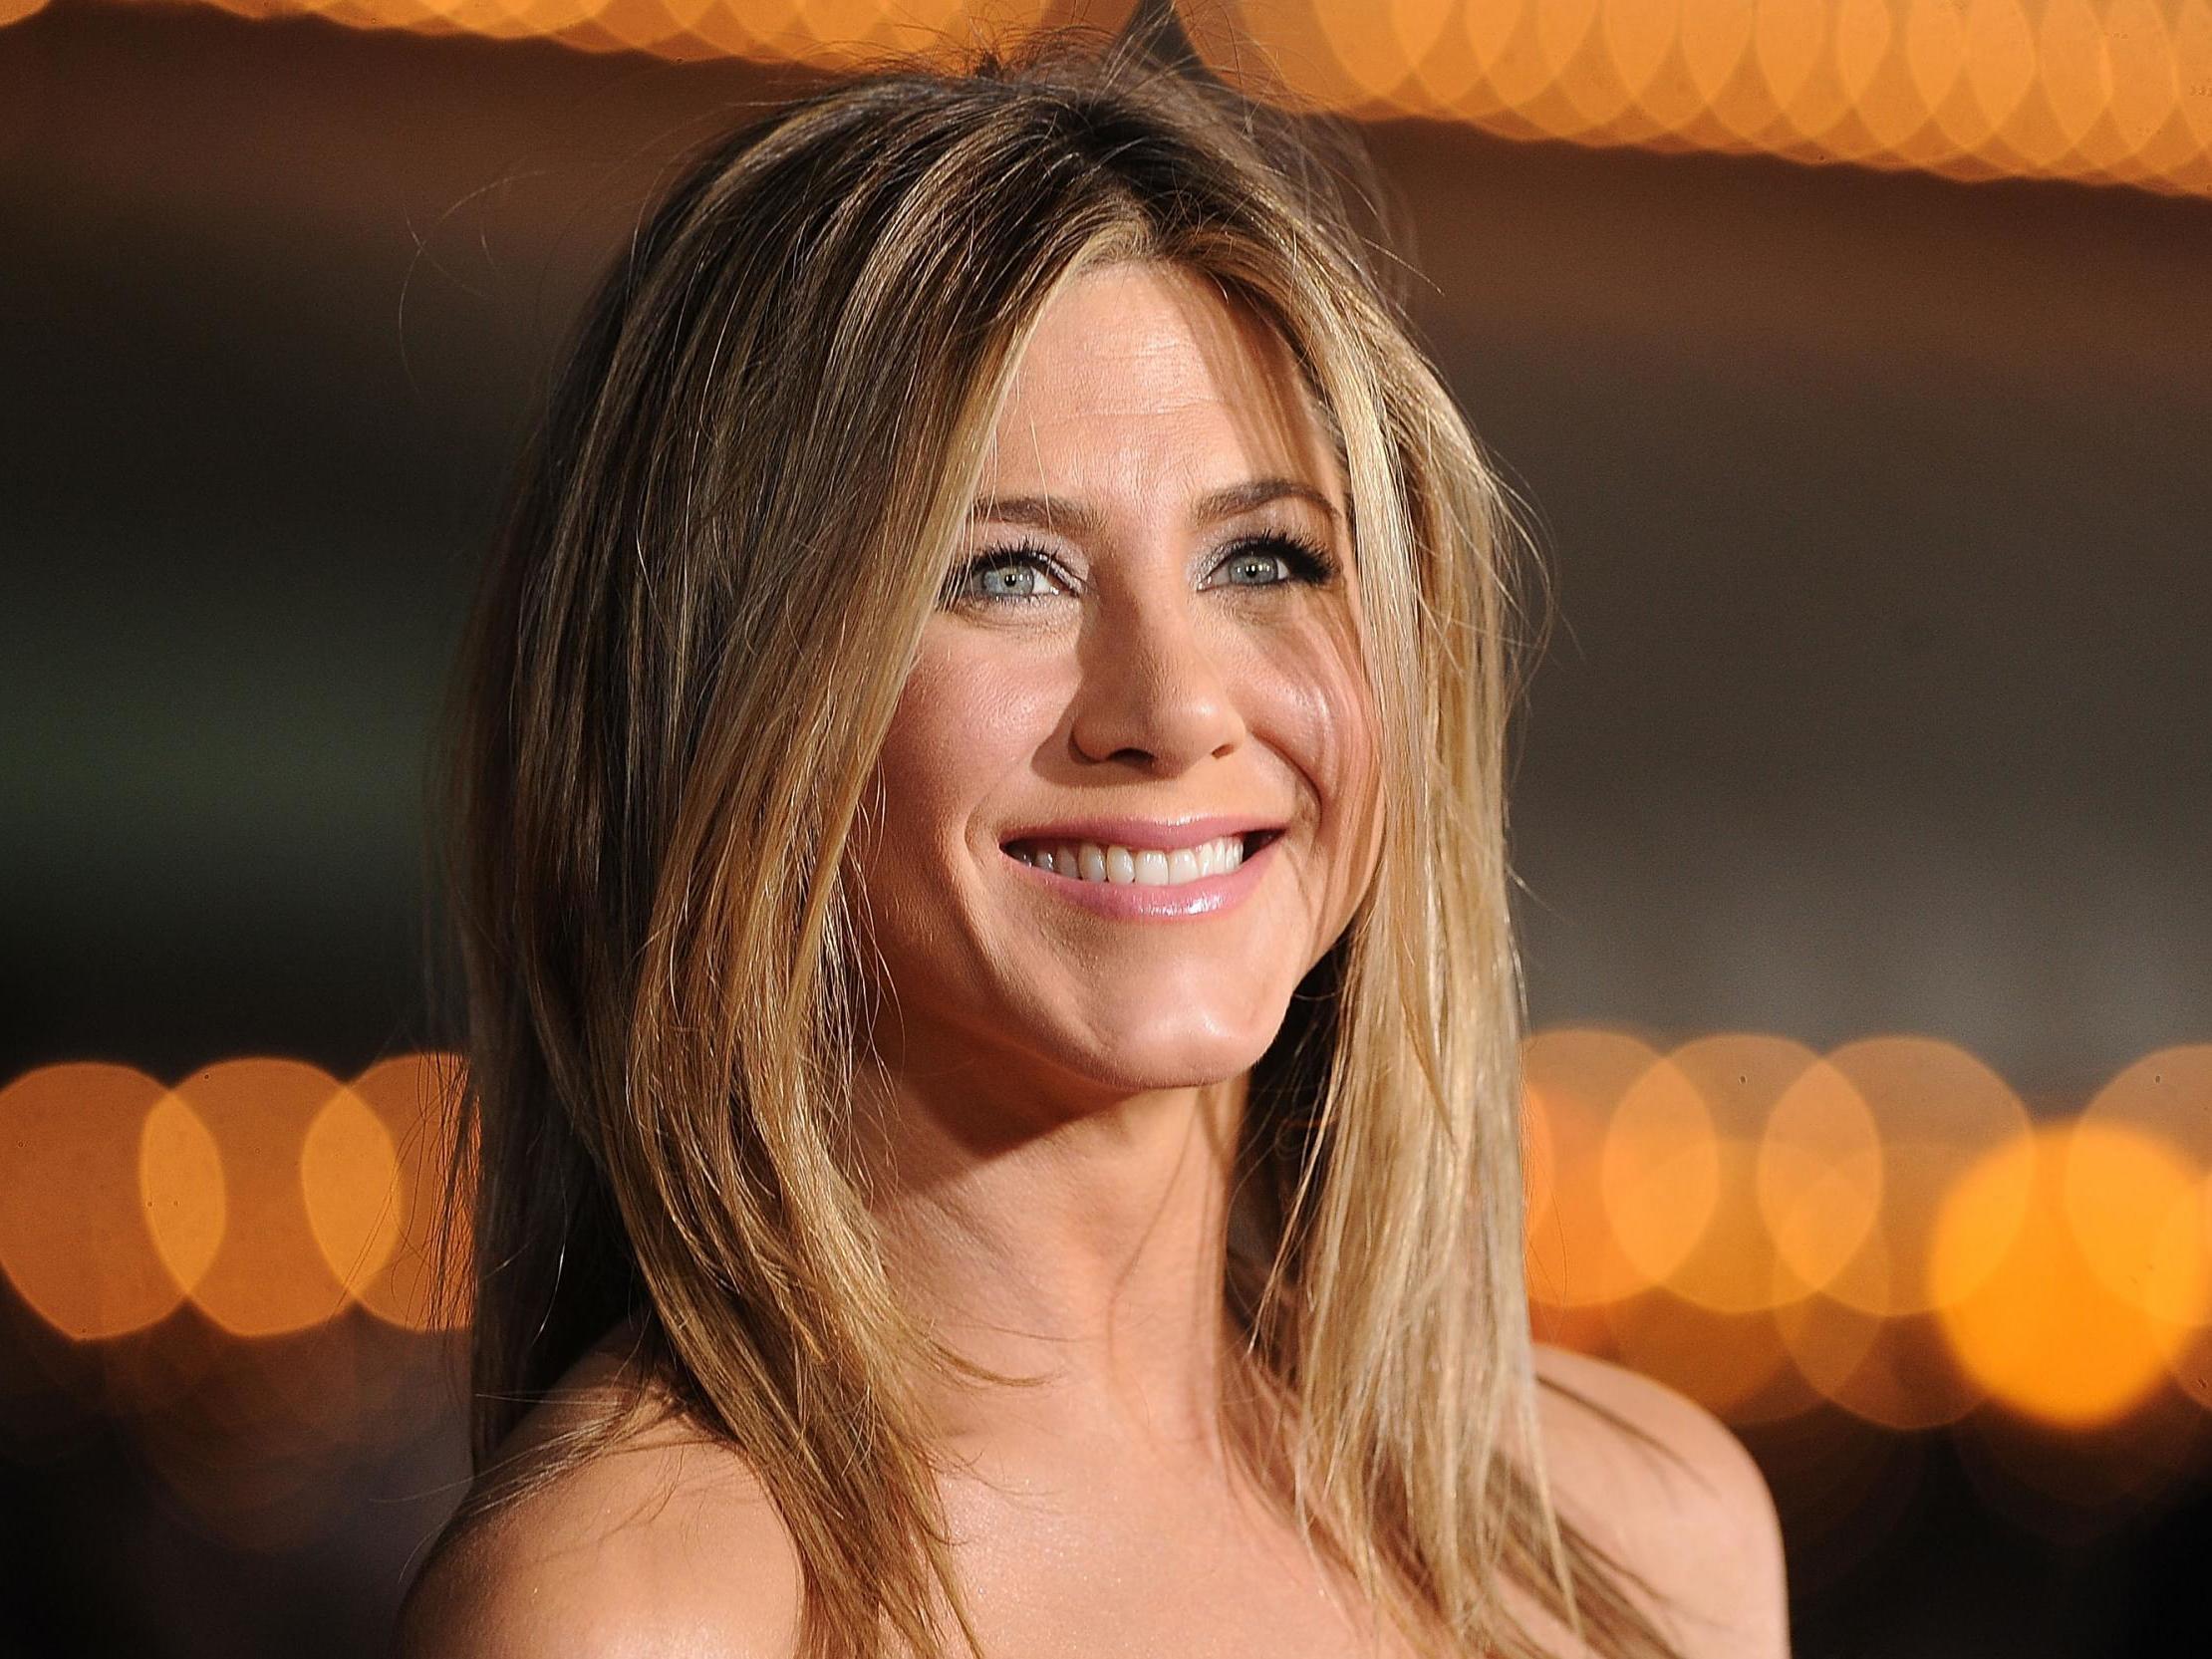 23. Jennifer Aniston